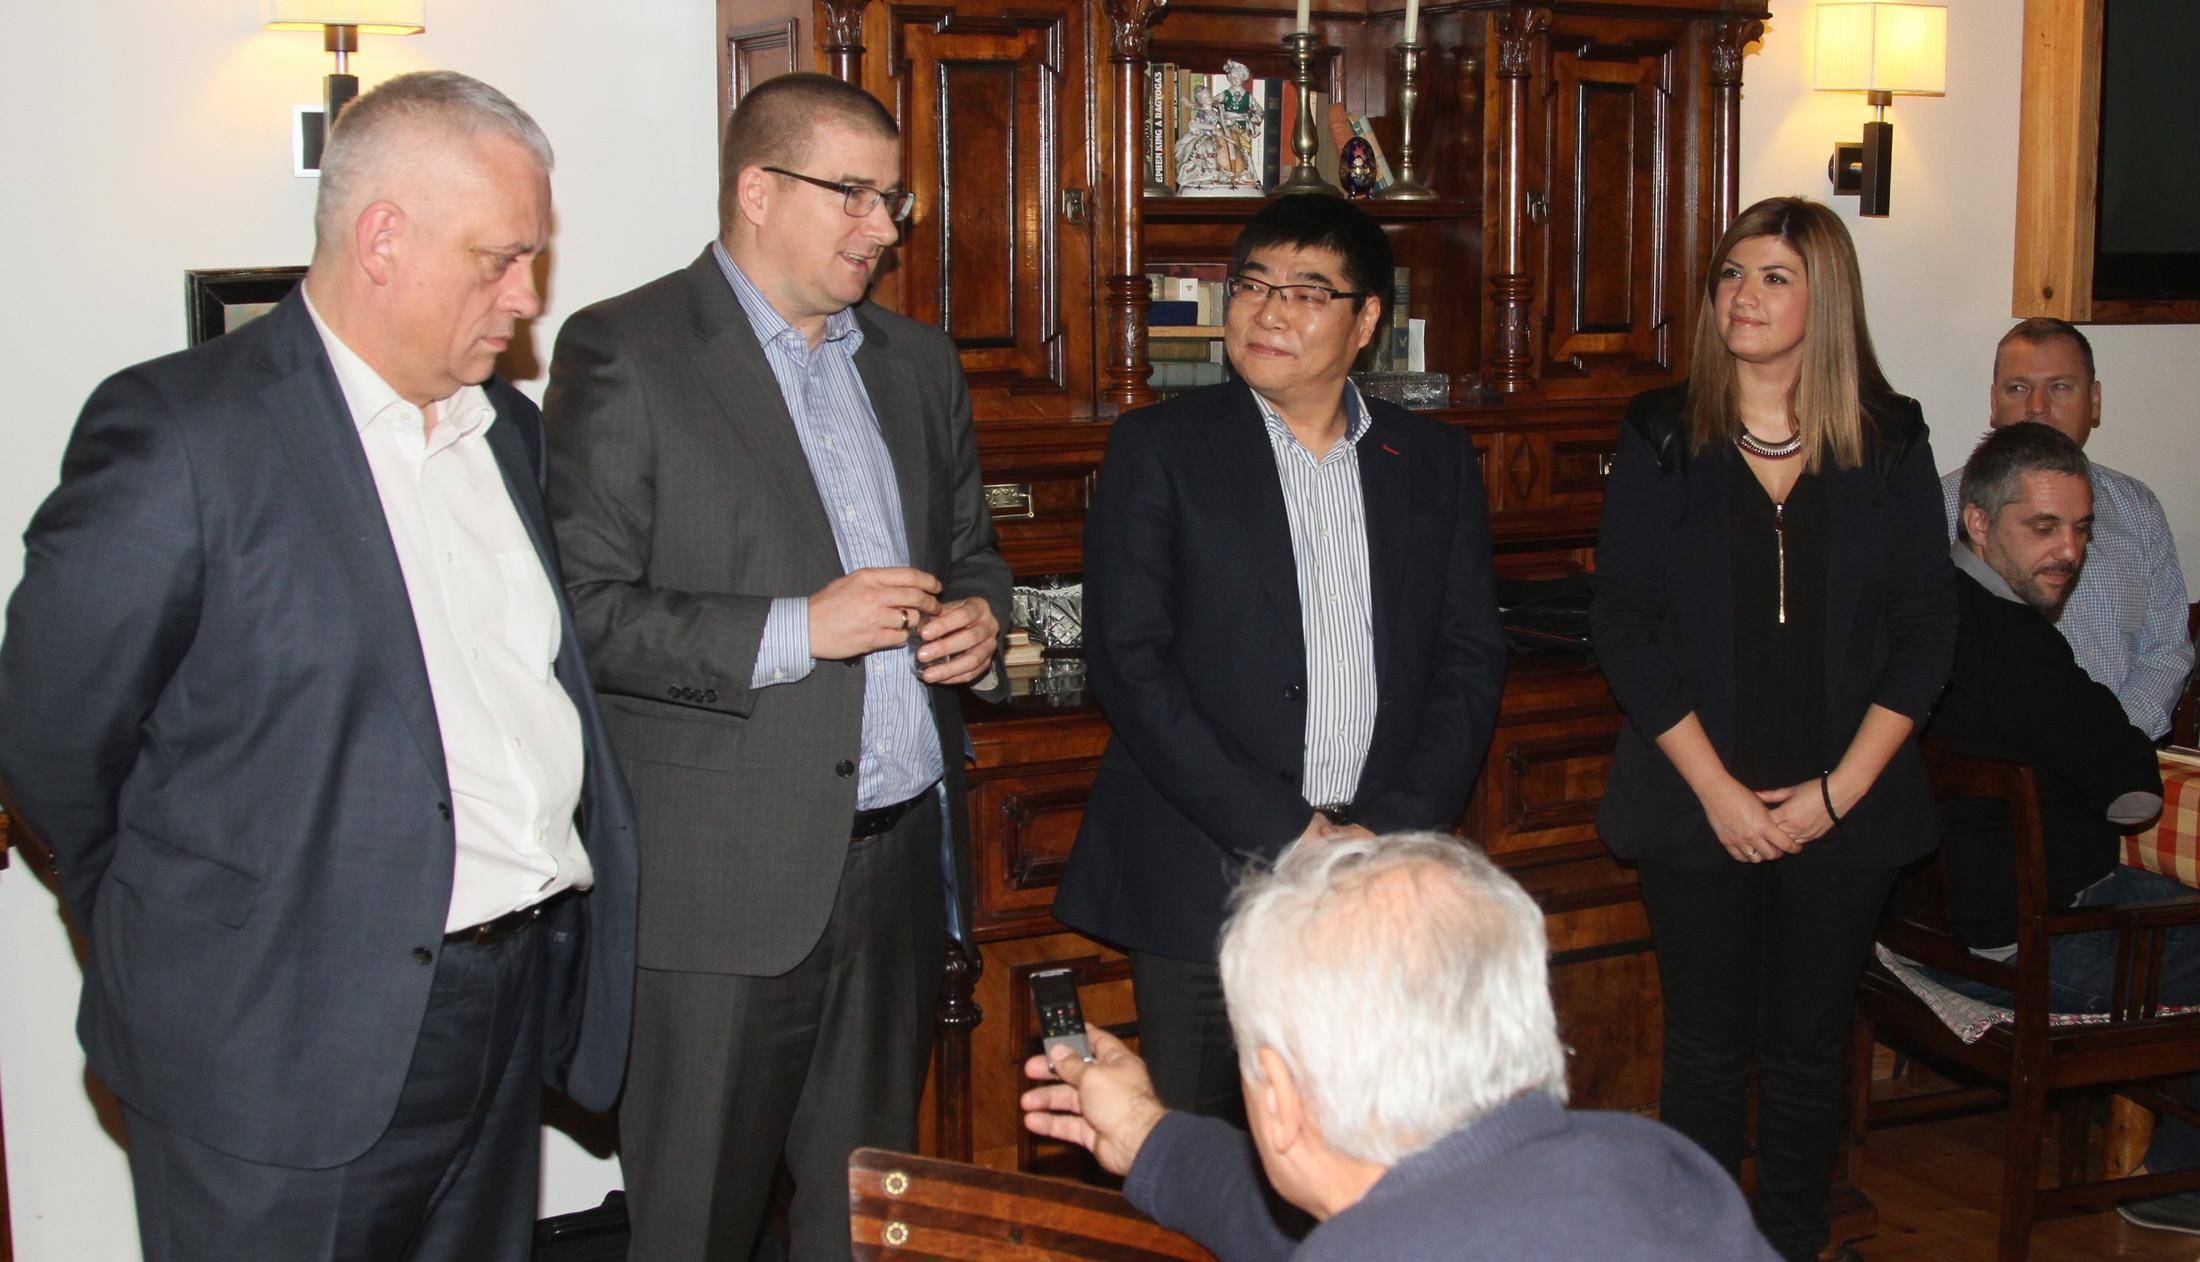 Generalni direktor Siemensa u Srbiji, Udo Ajhlinger, sa saradnicima.